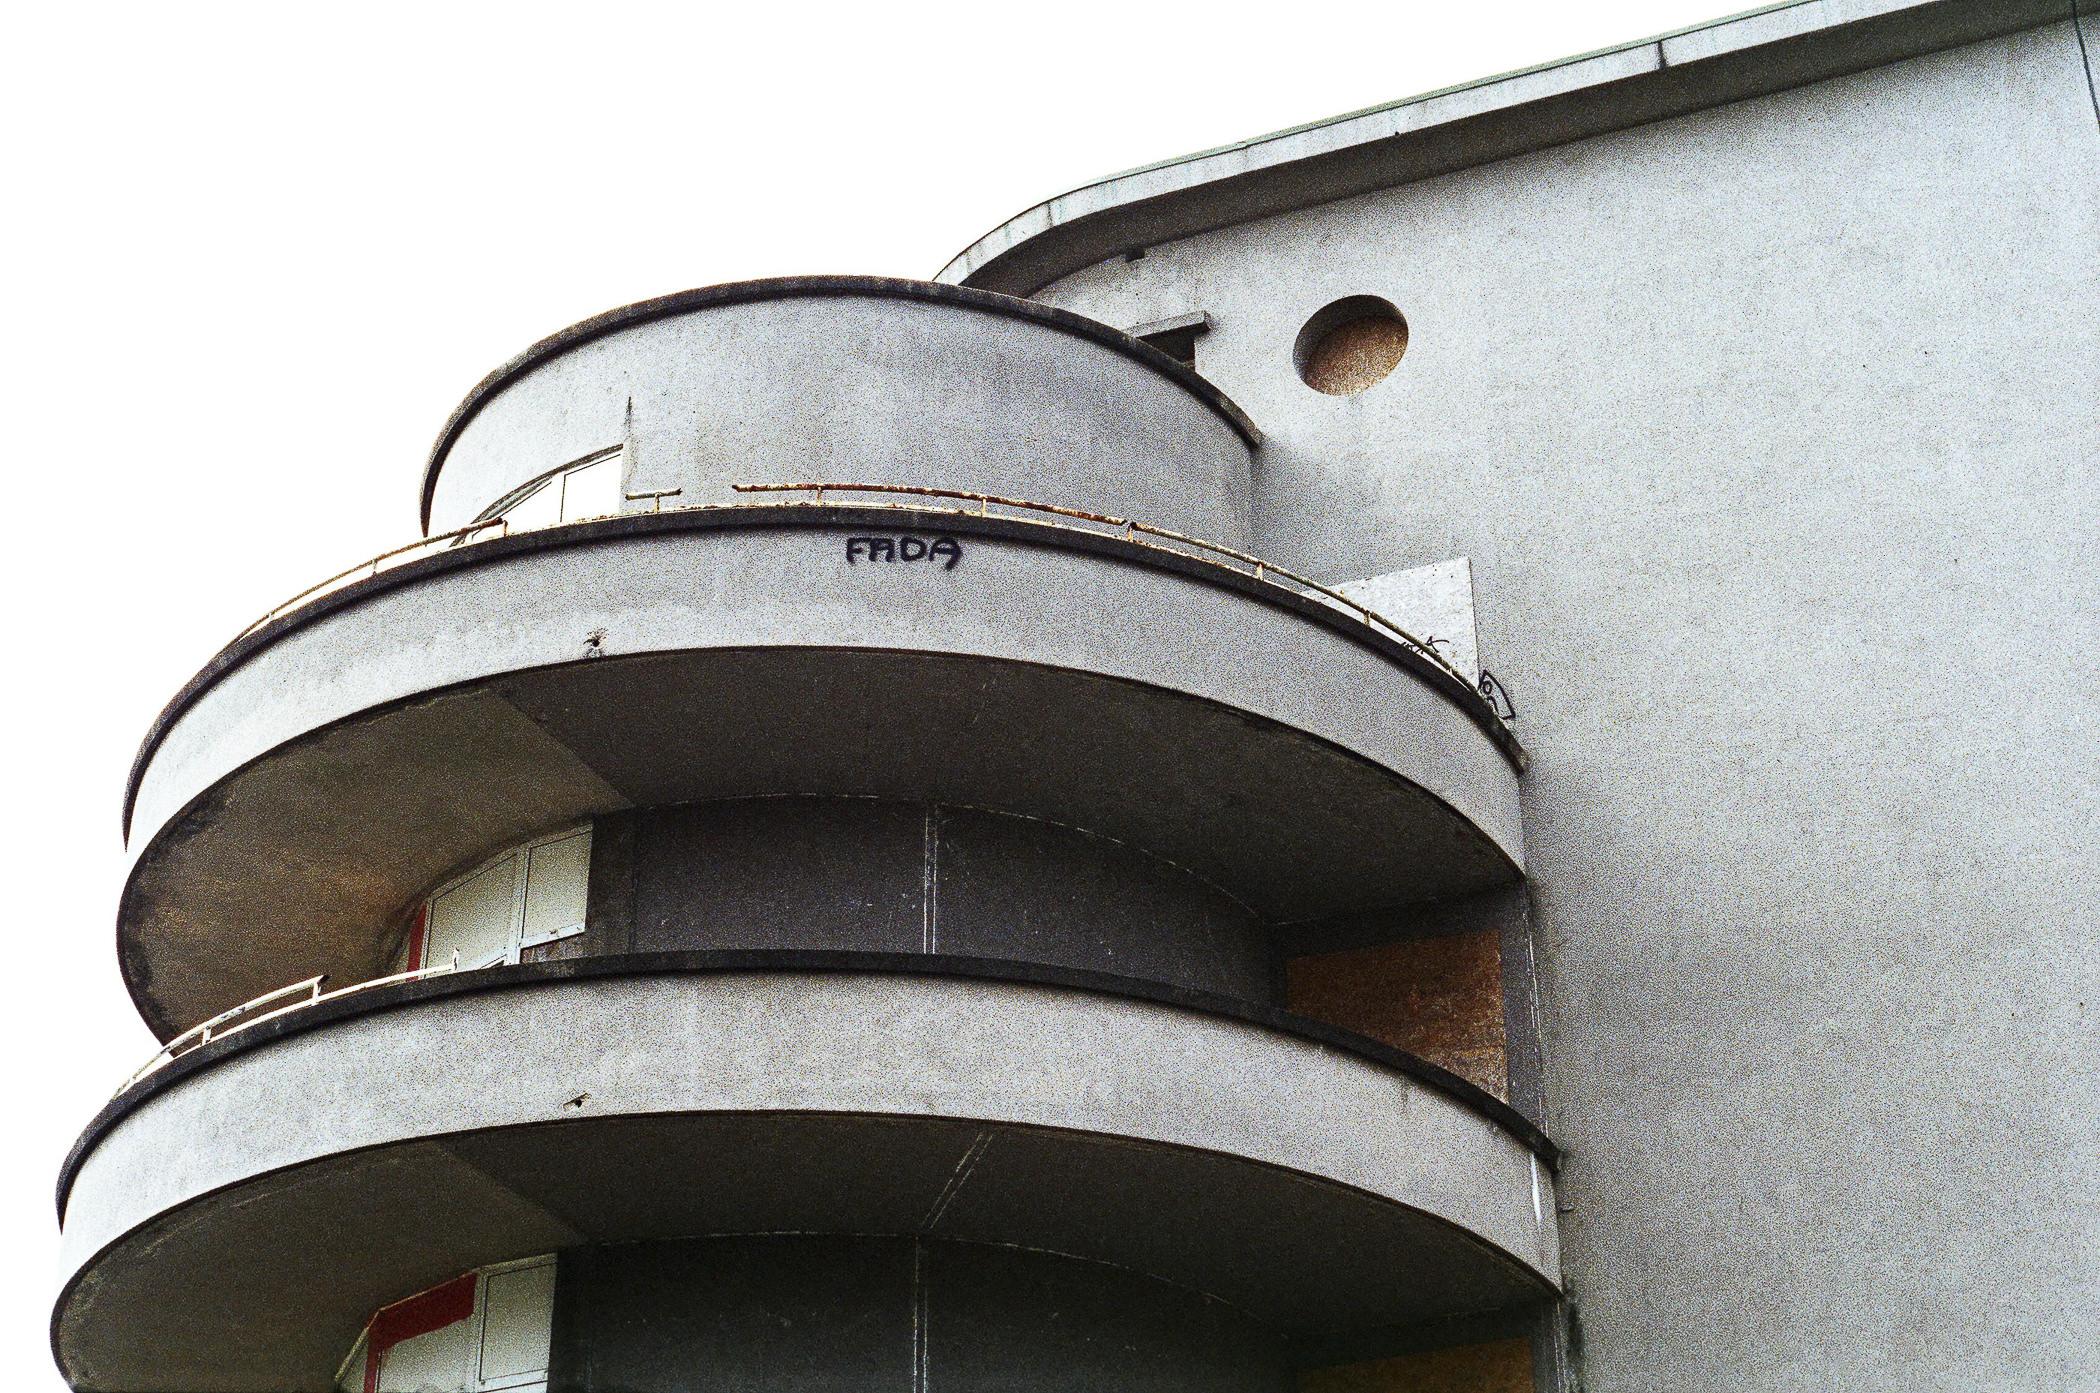 ARCHITECTURE_19.jpg